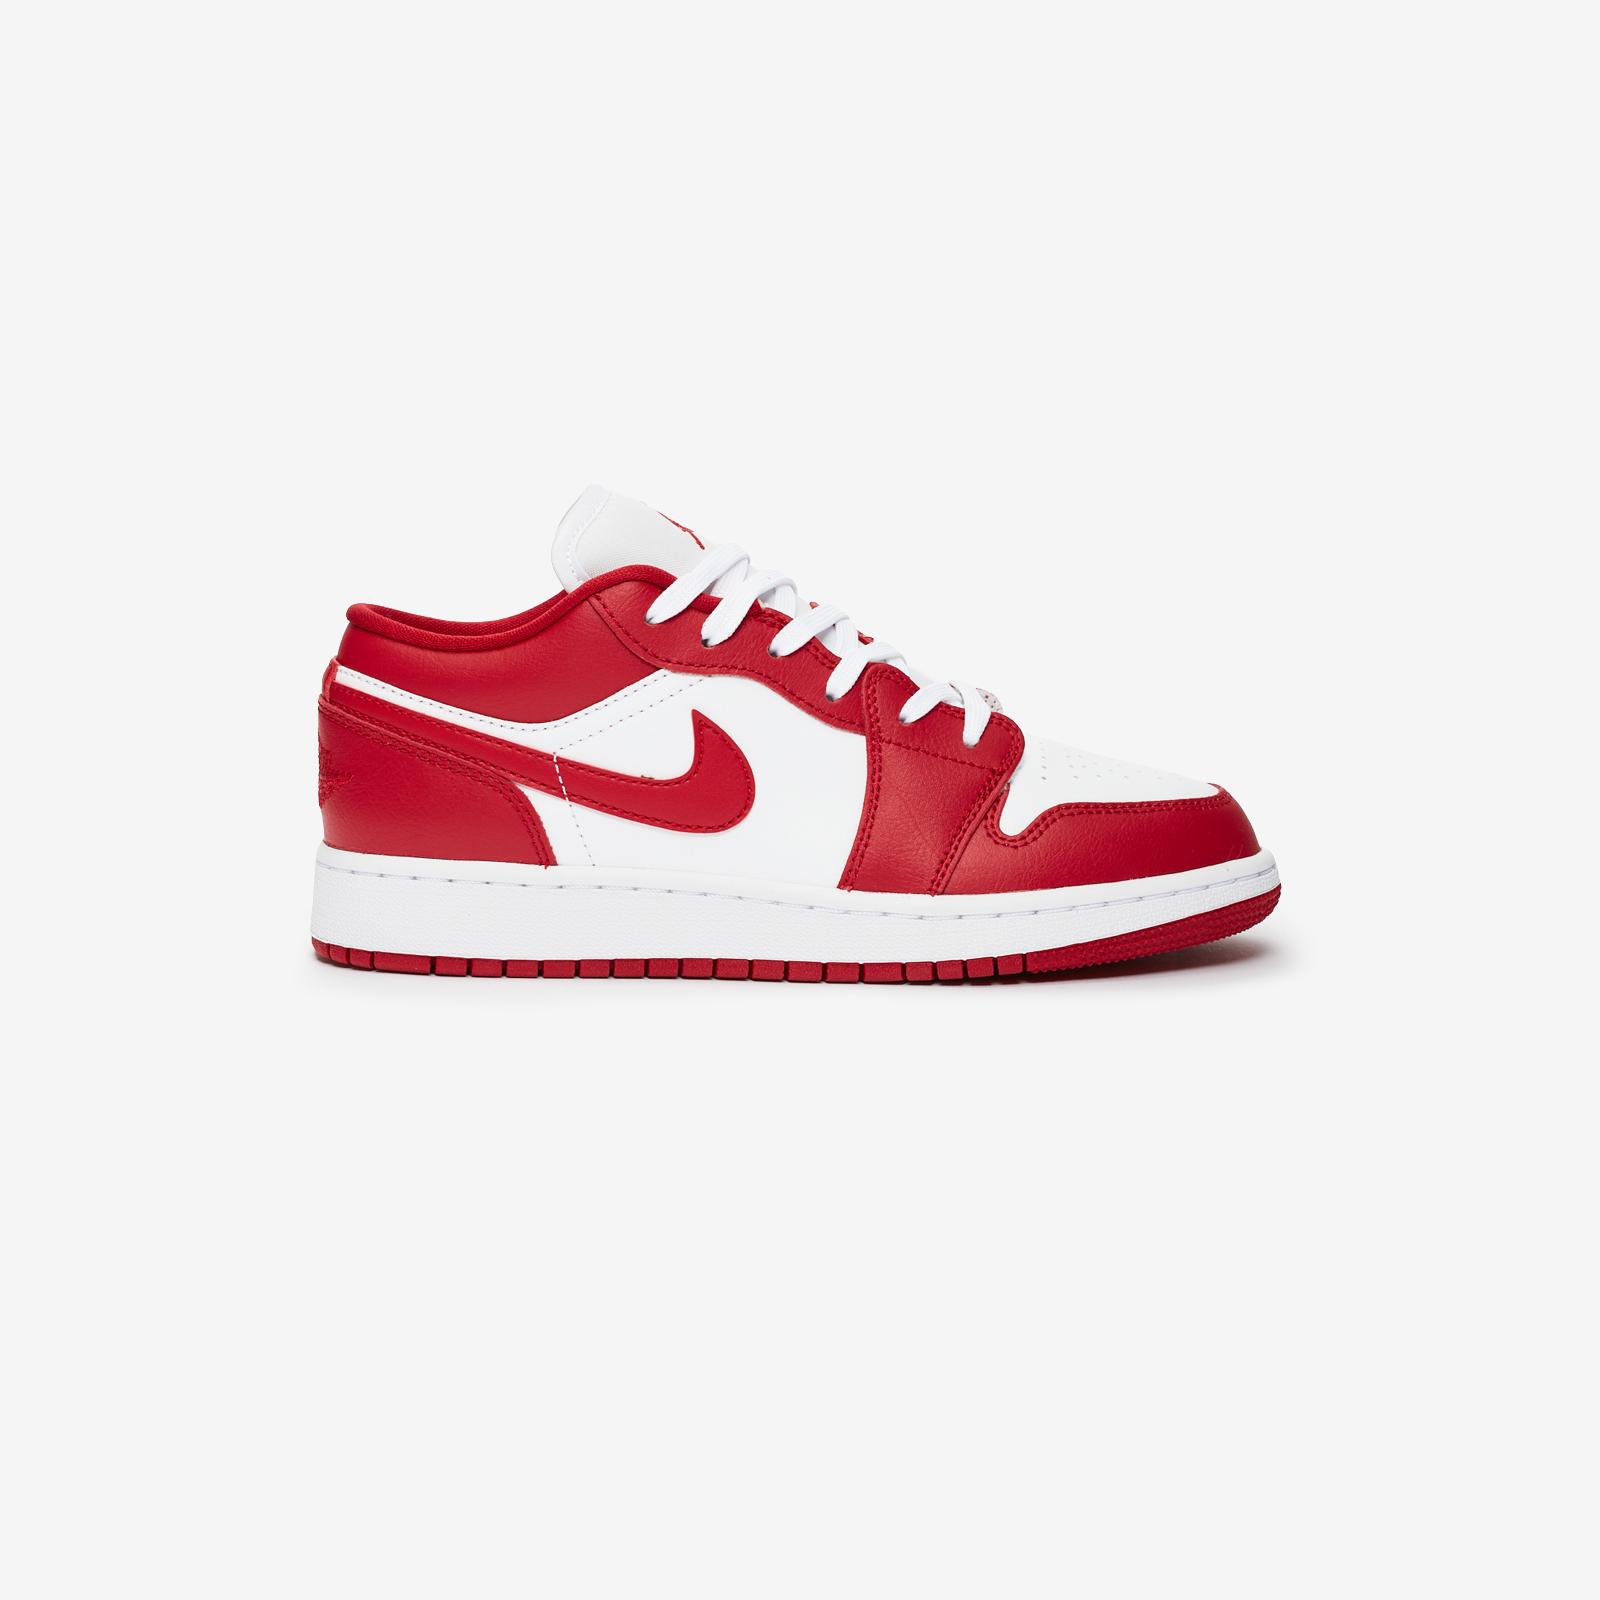 Jordan Brand Air Jordan 1 Low Gs 553560 611 Sneakersnstuff